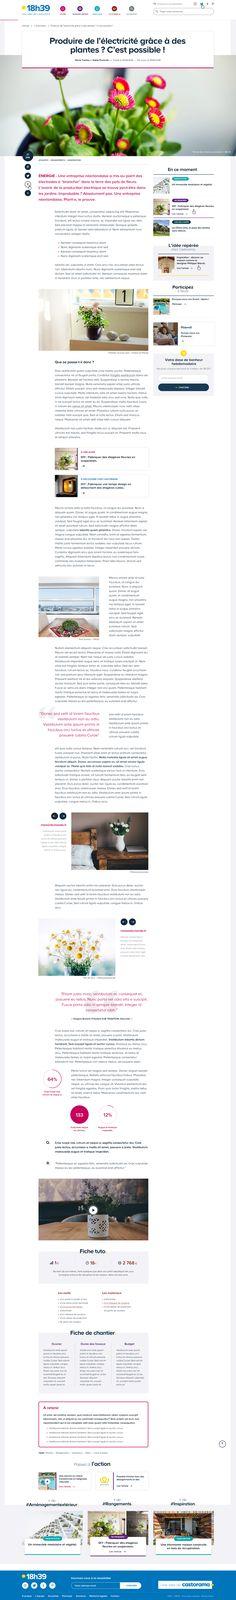 Single article - 18h39 / Castorama